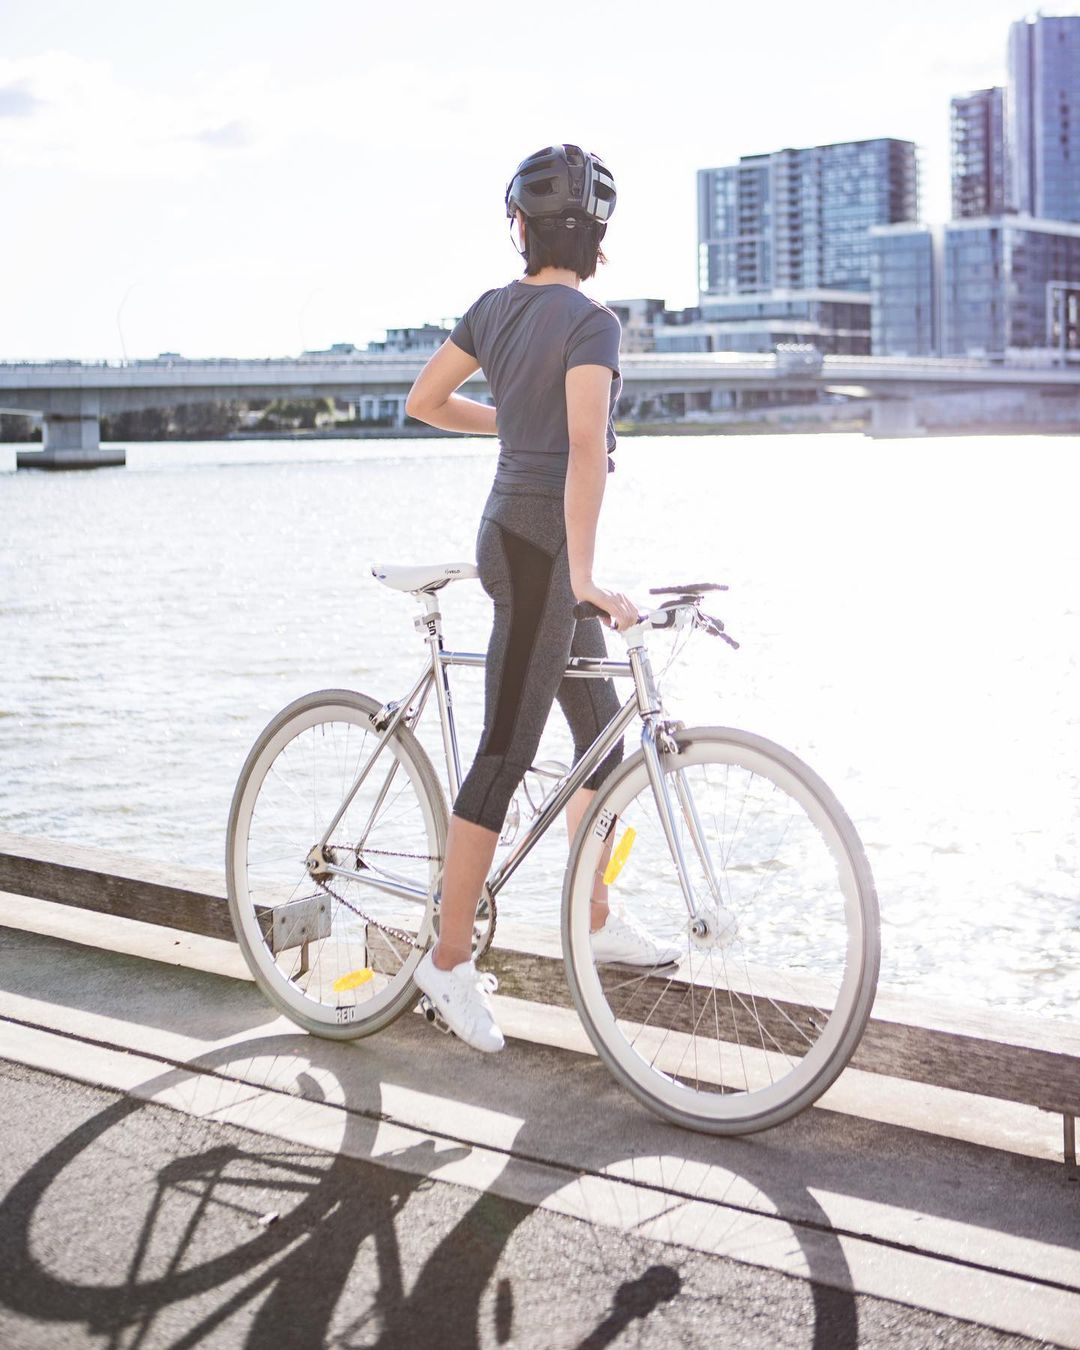 121037948 3528101870566481 8028694635543565485 n - Reid ® - DIY Ways to Pimp Your Bike